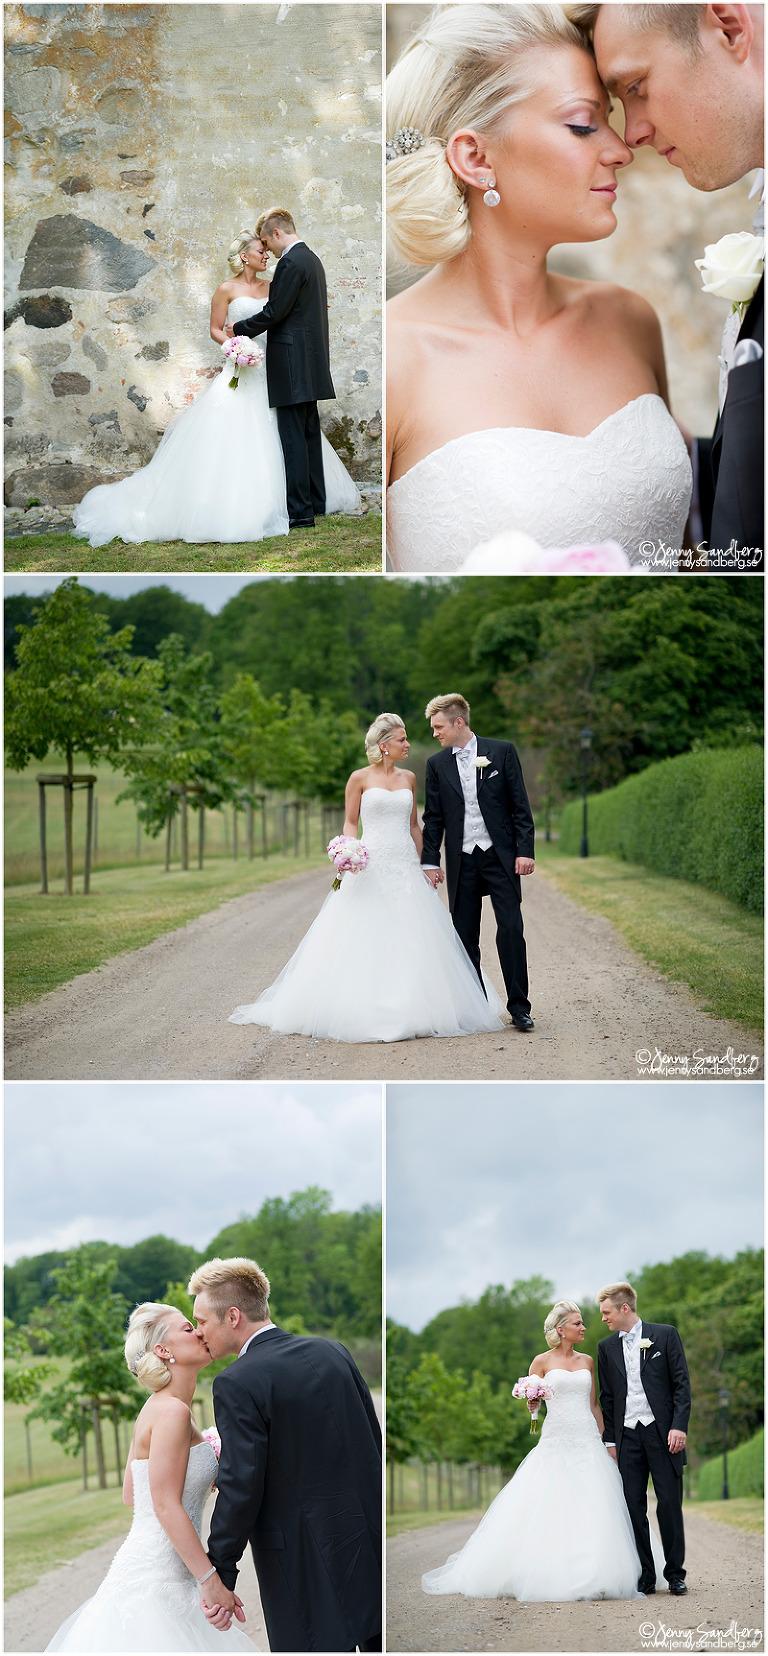 Bröllopsfotograf Araslöv, Bröllopsfotograf Araslövs gård, Bröllopsfoto Araslöv, Bröllopsfotograf Skåne, Bröllopsfotograf Kristianstad